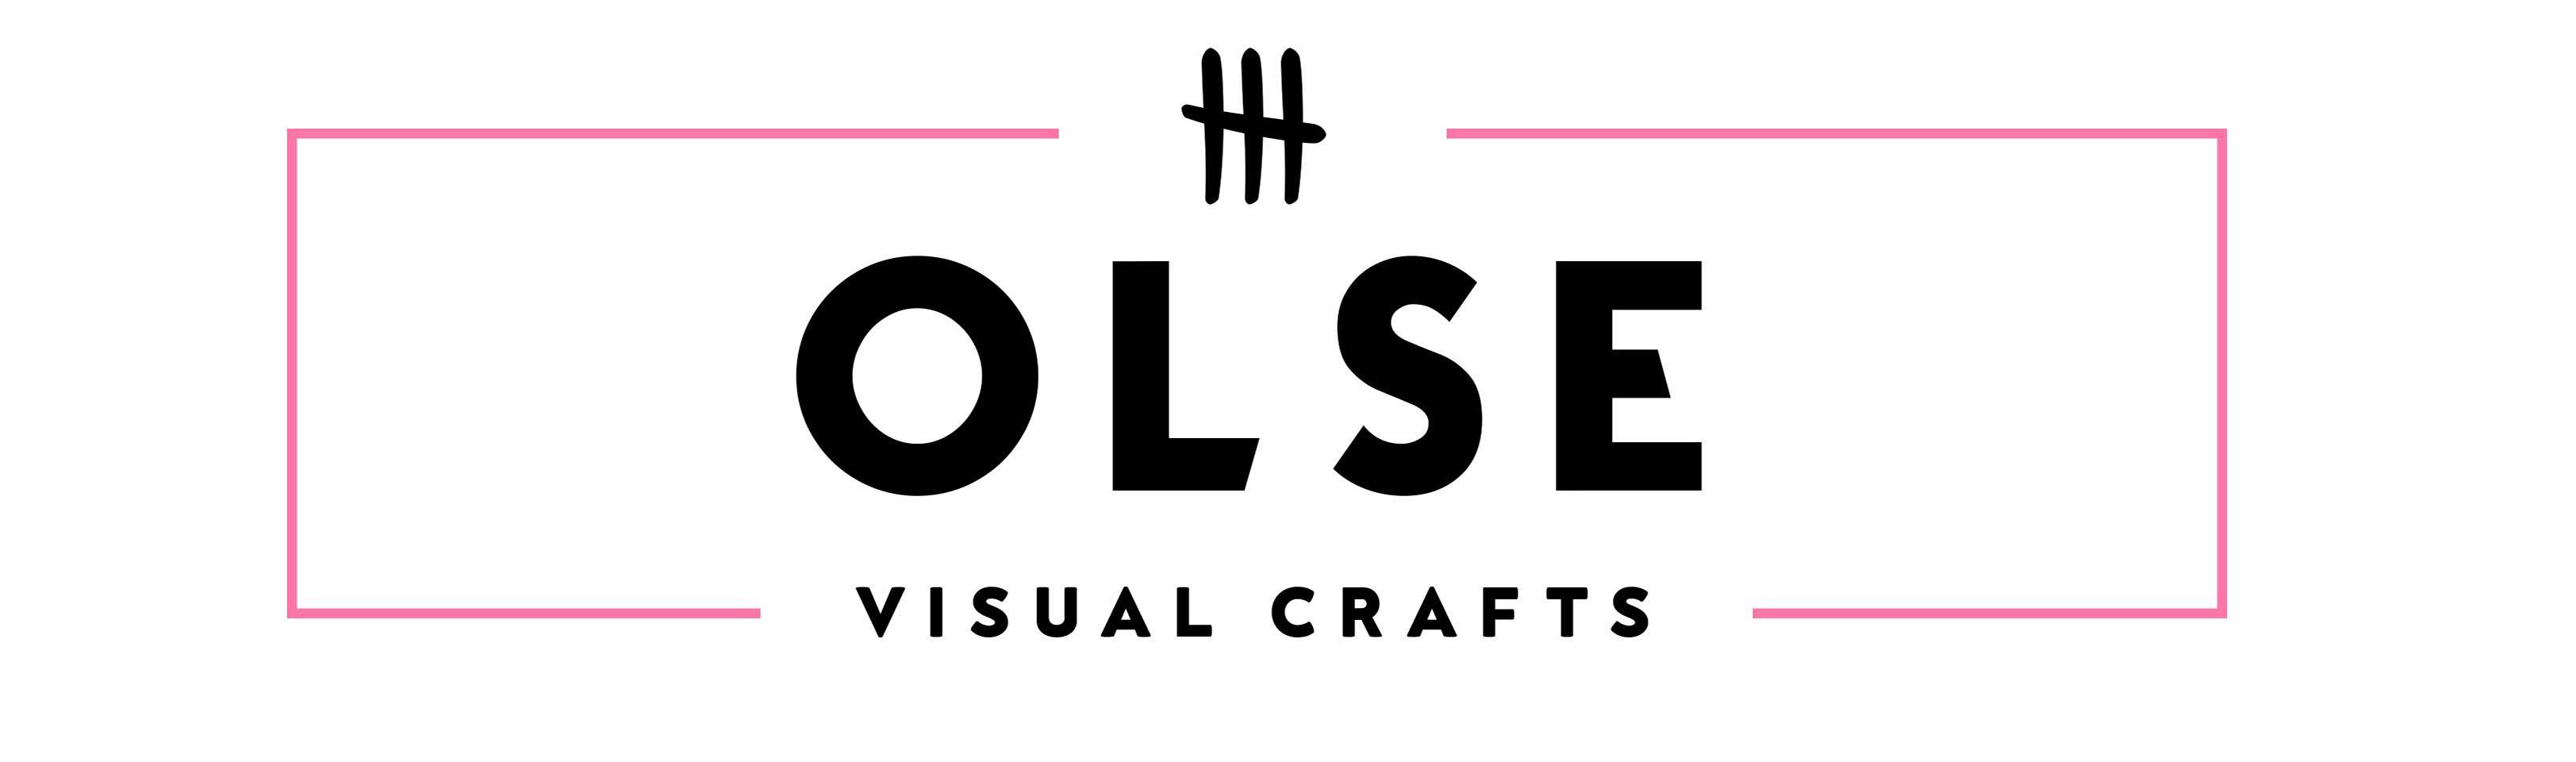 olse - visual crafts